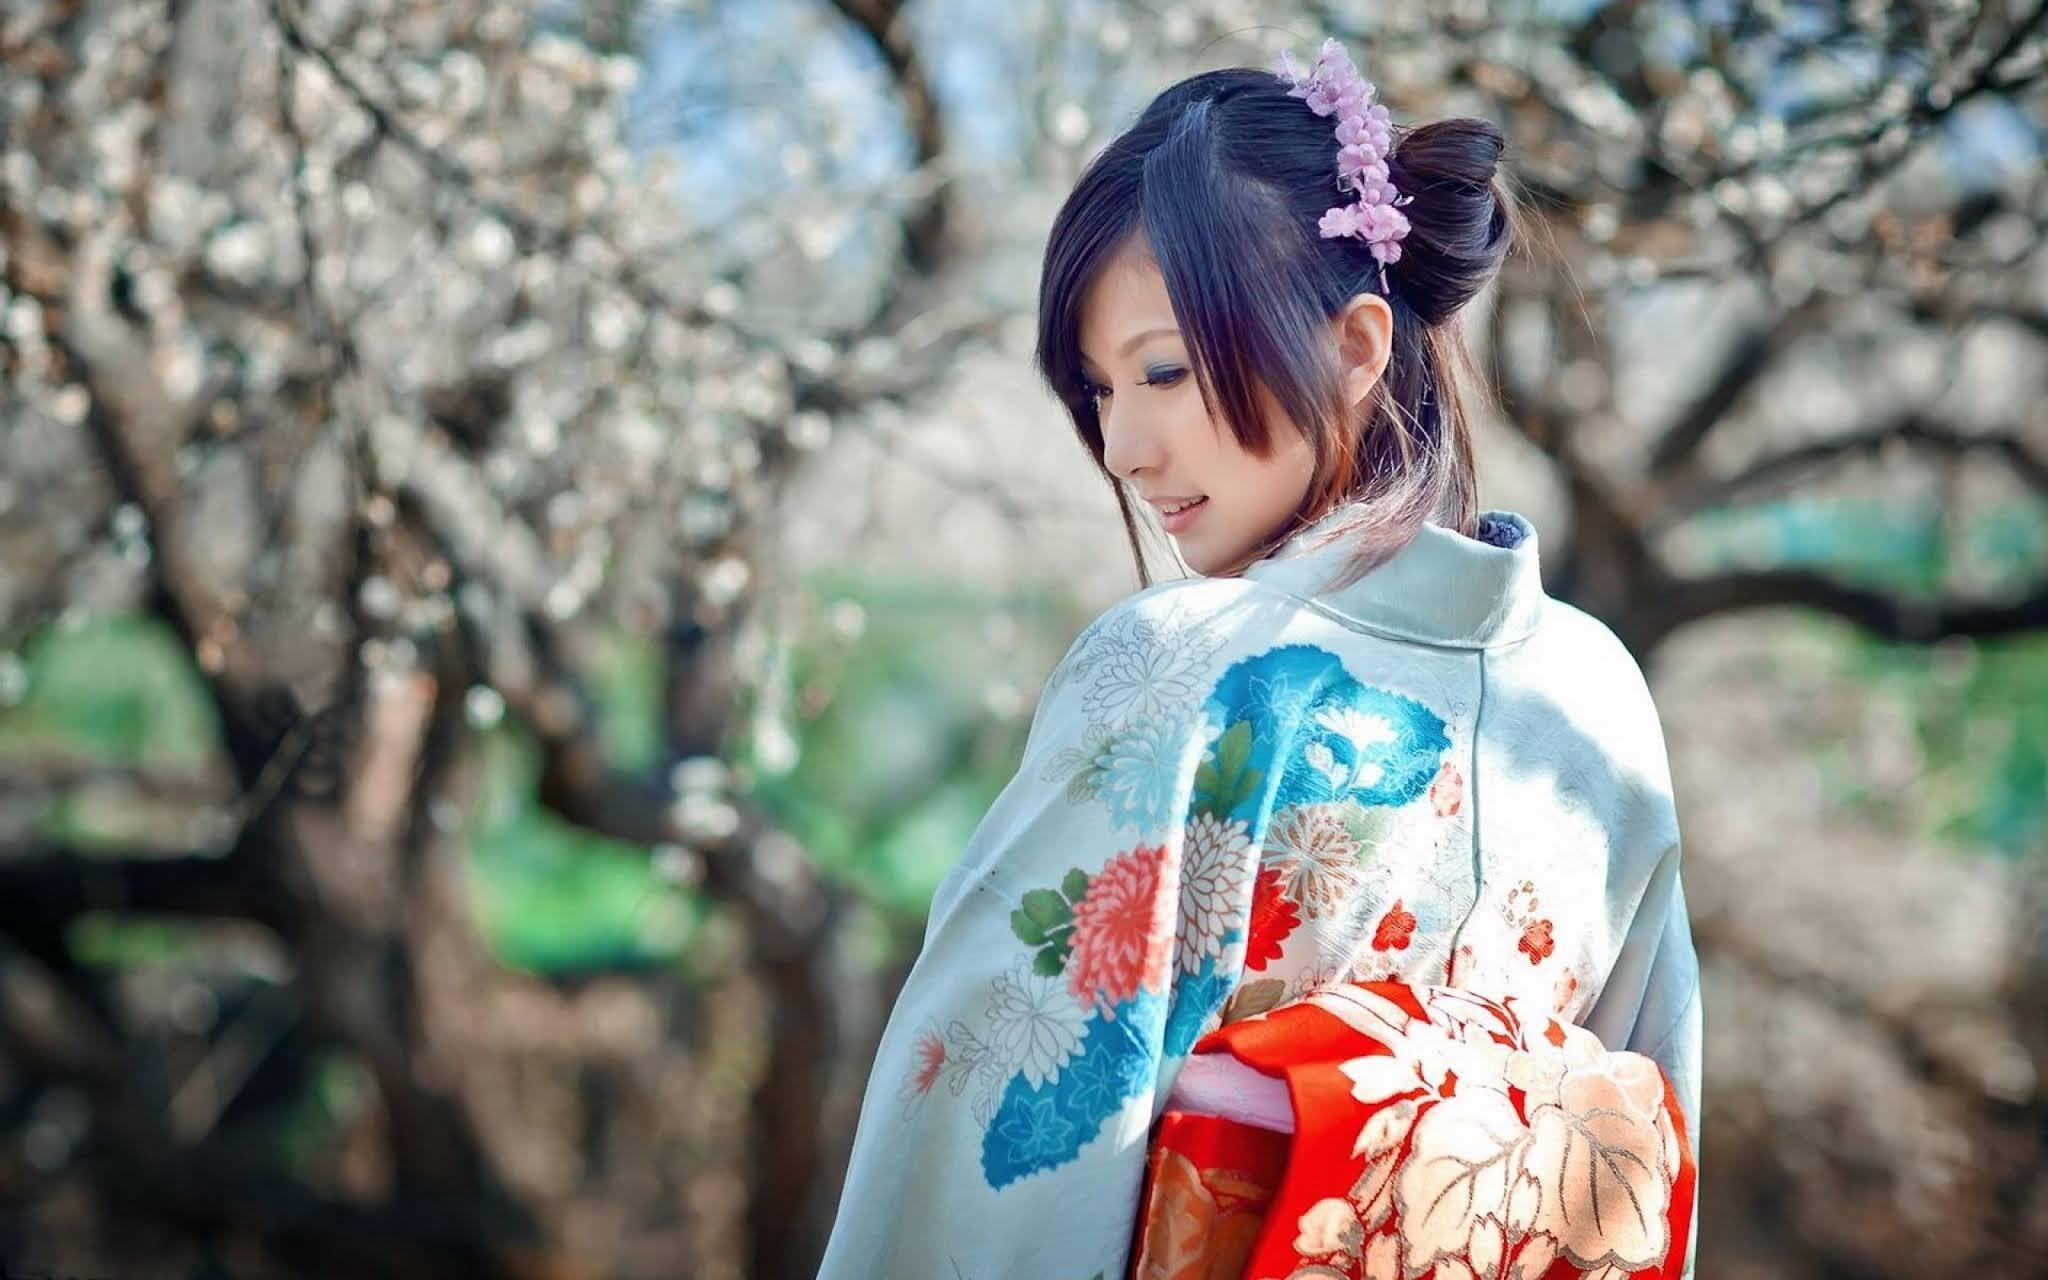 11+ Khasiat dan Manfaat Bunga Sakura untuk Kecantikan Kulit Wajah